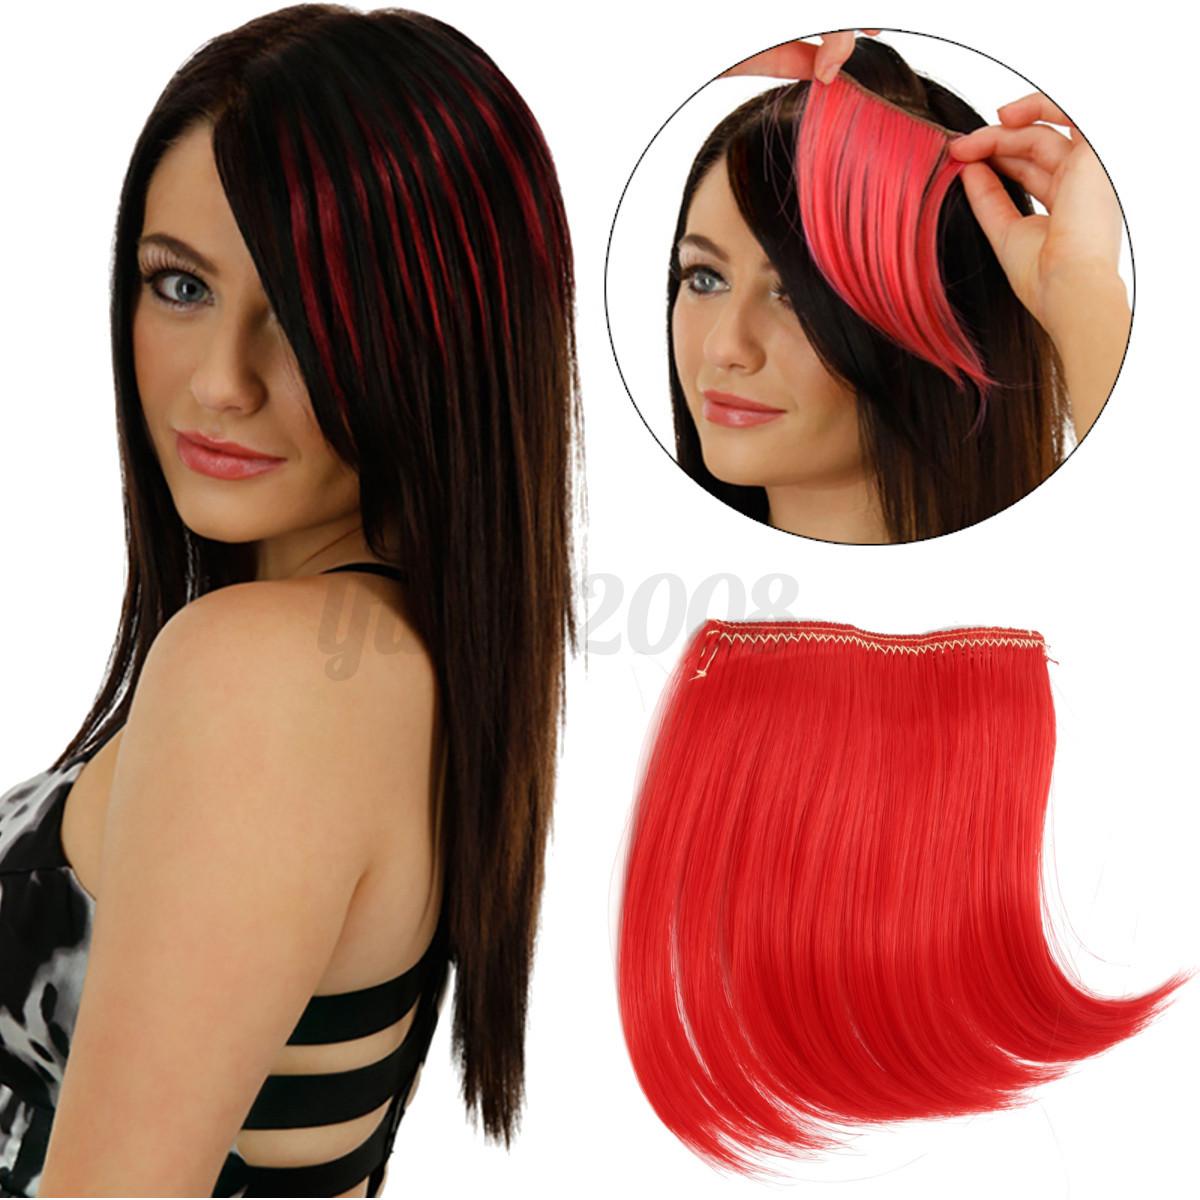 Femme-Filles-Fausse-Frange-a-2-Clip-Droit-Bob-Perruque-Cheveux-Extension-Couleur